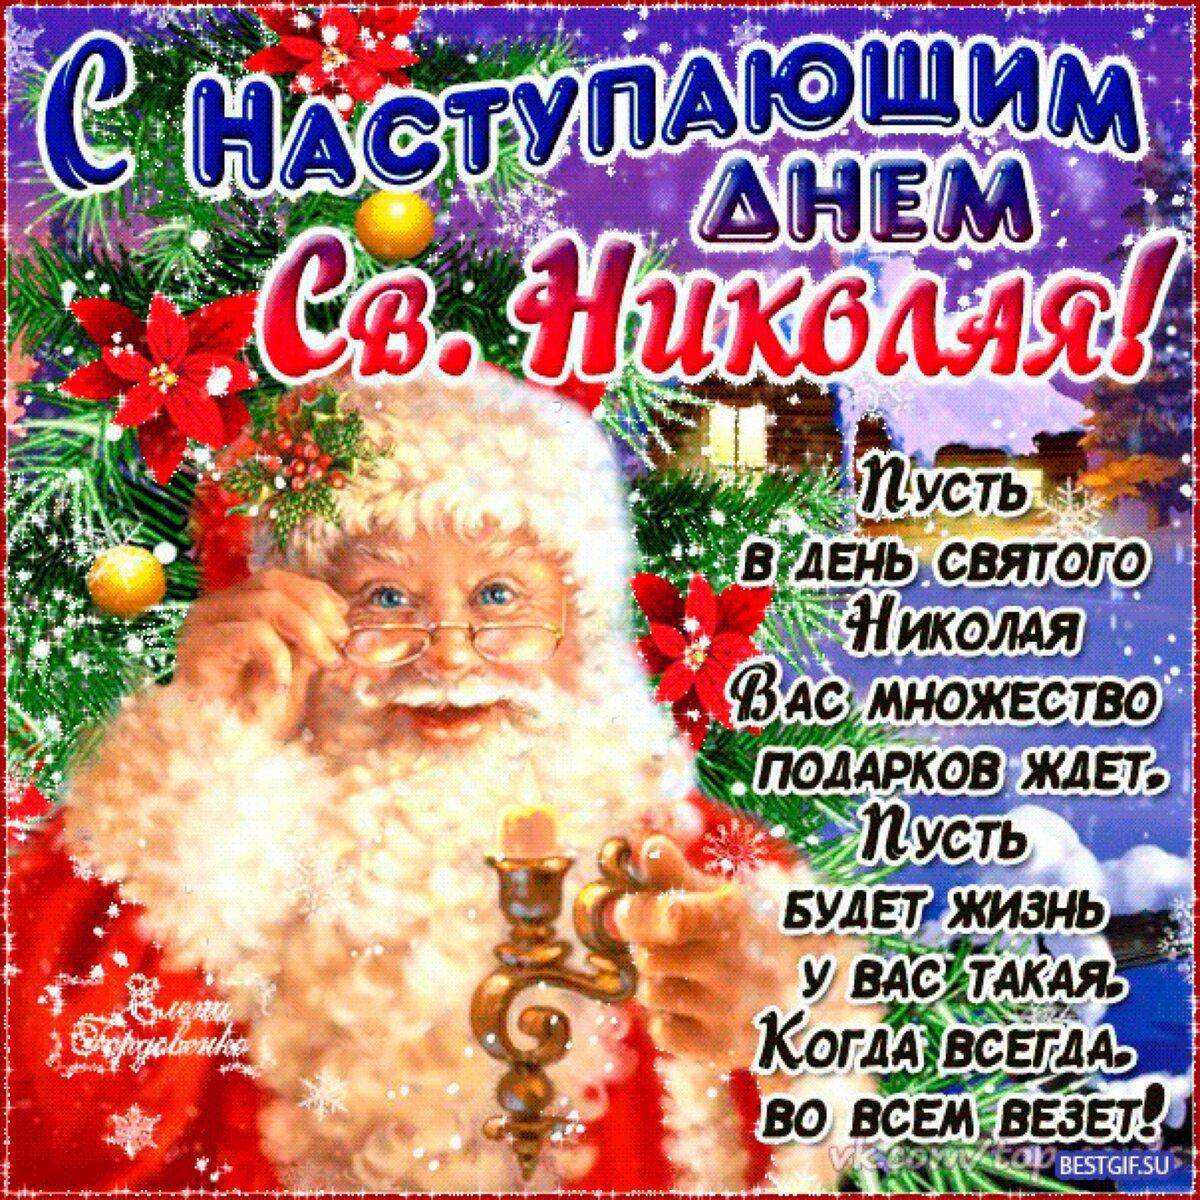 С днем святого николая картинки поздравления зимнего, картинки нет зарплаты